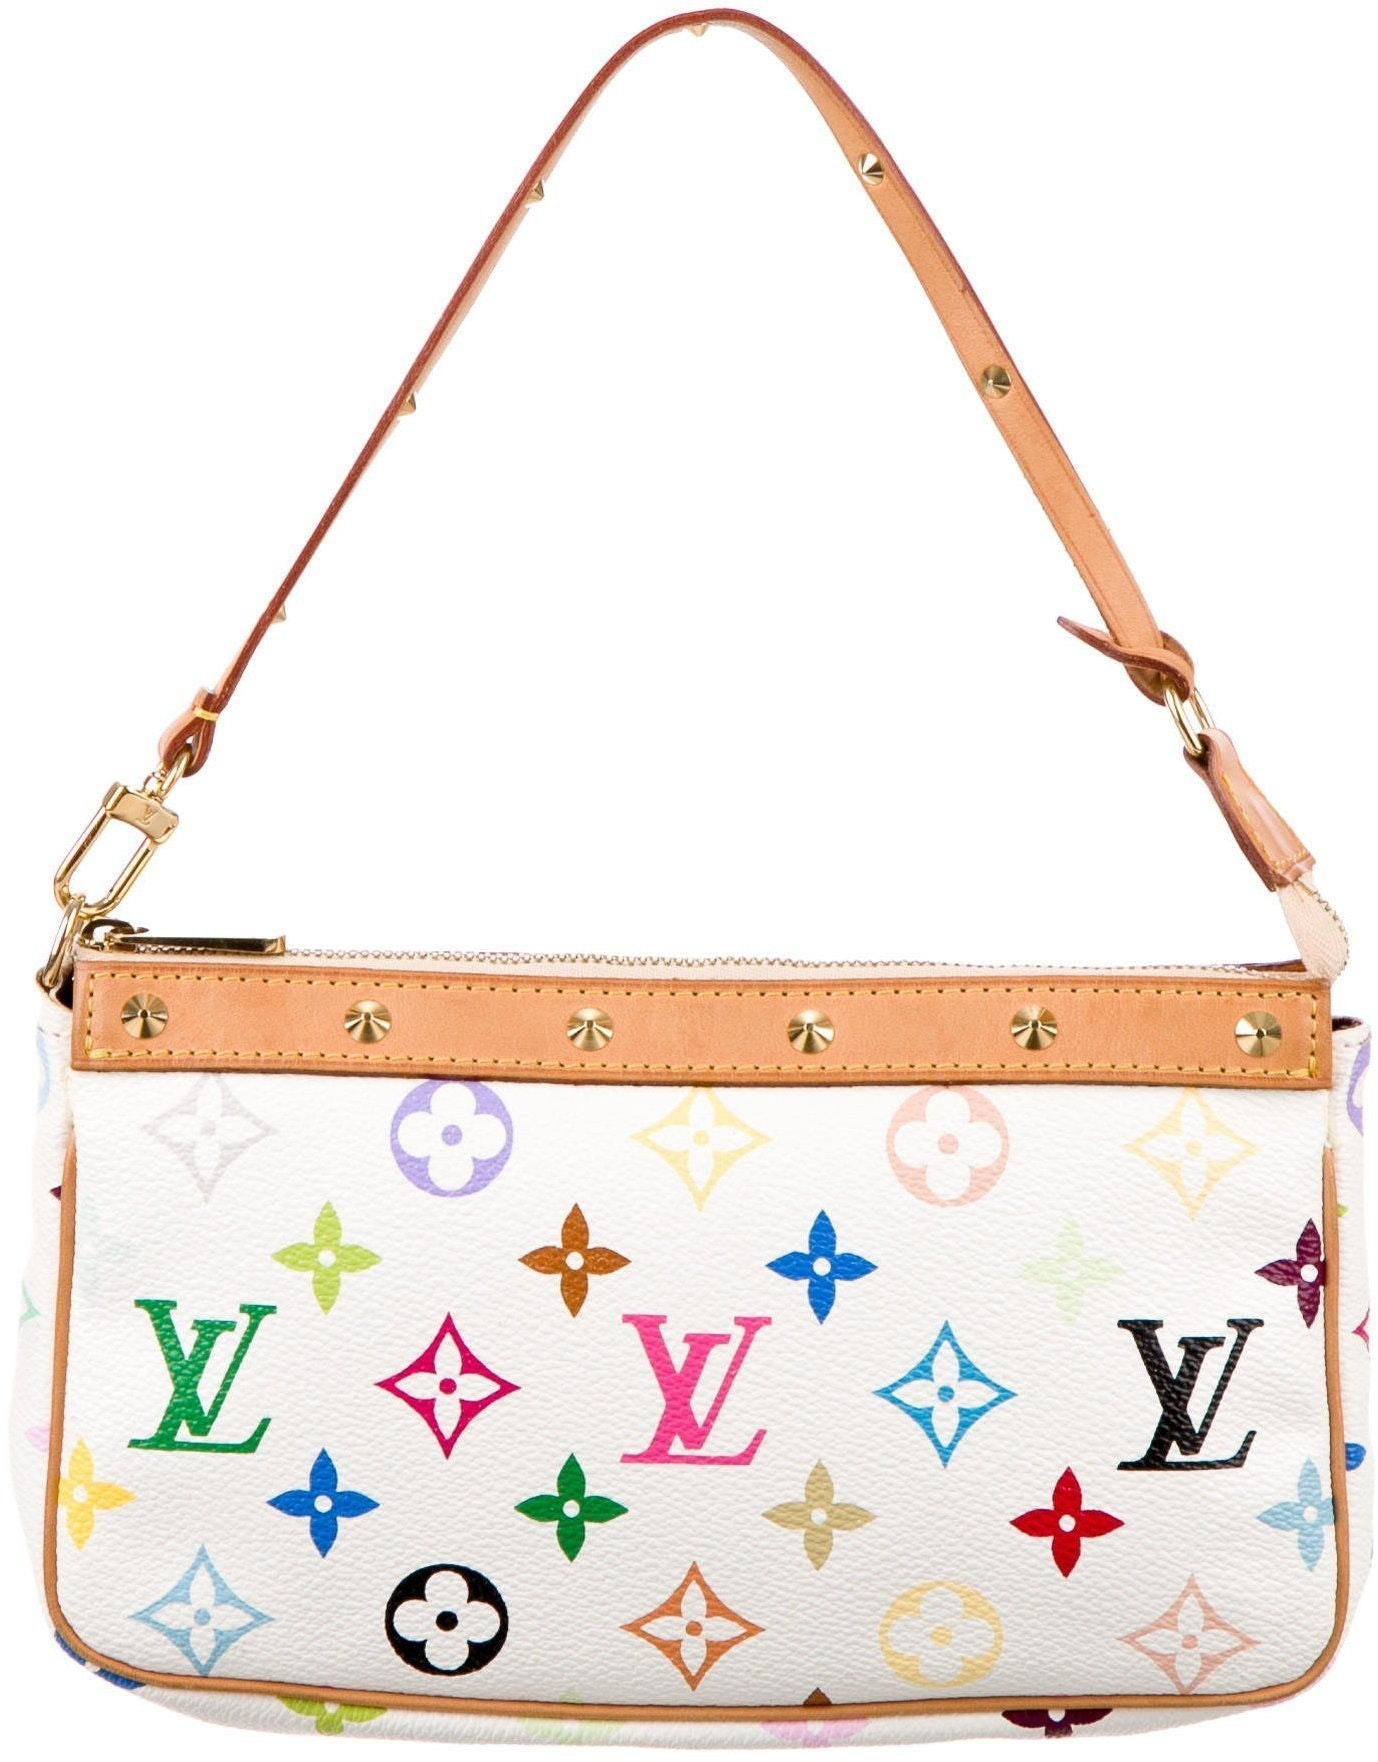 Louis Vuitton Pochette Accessoires Monogram Multicolore White